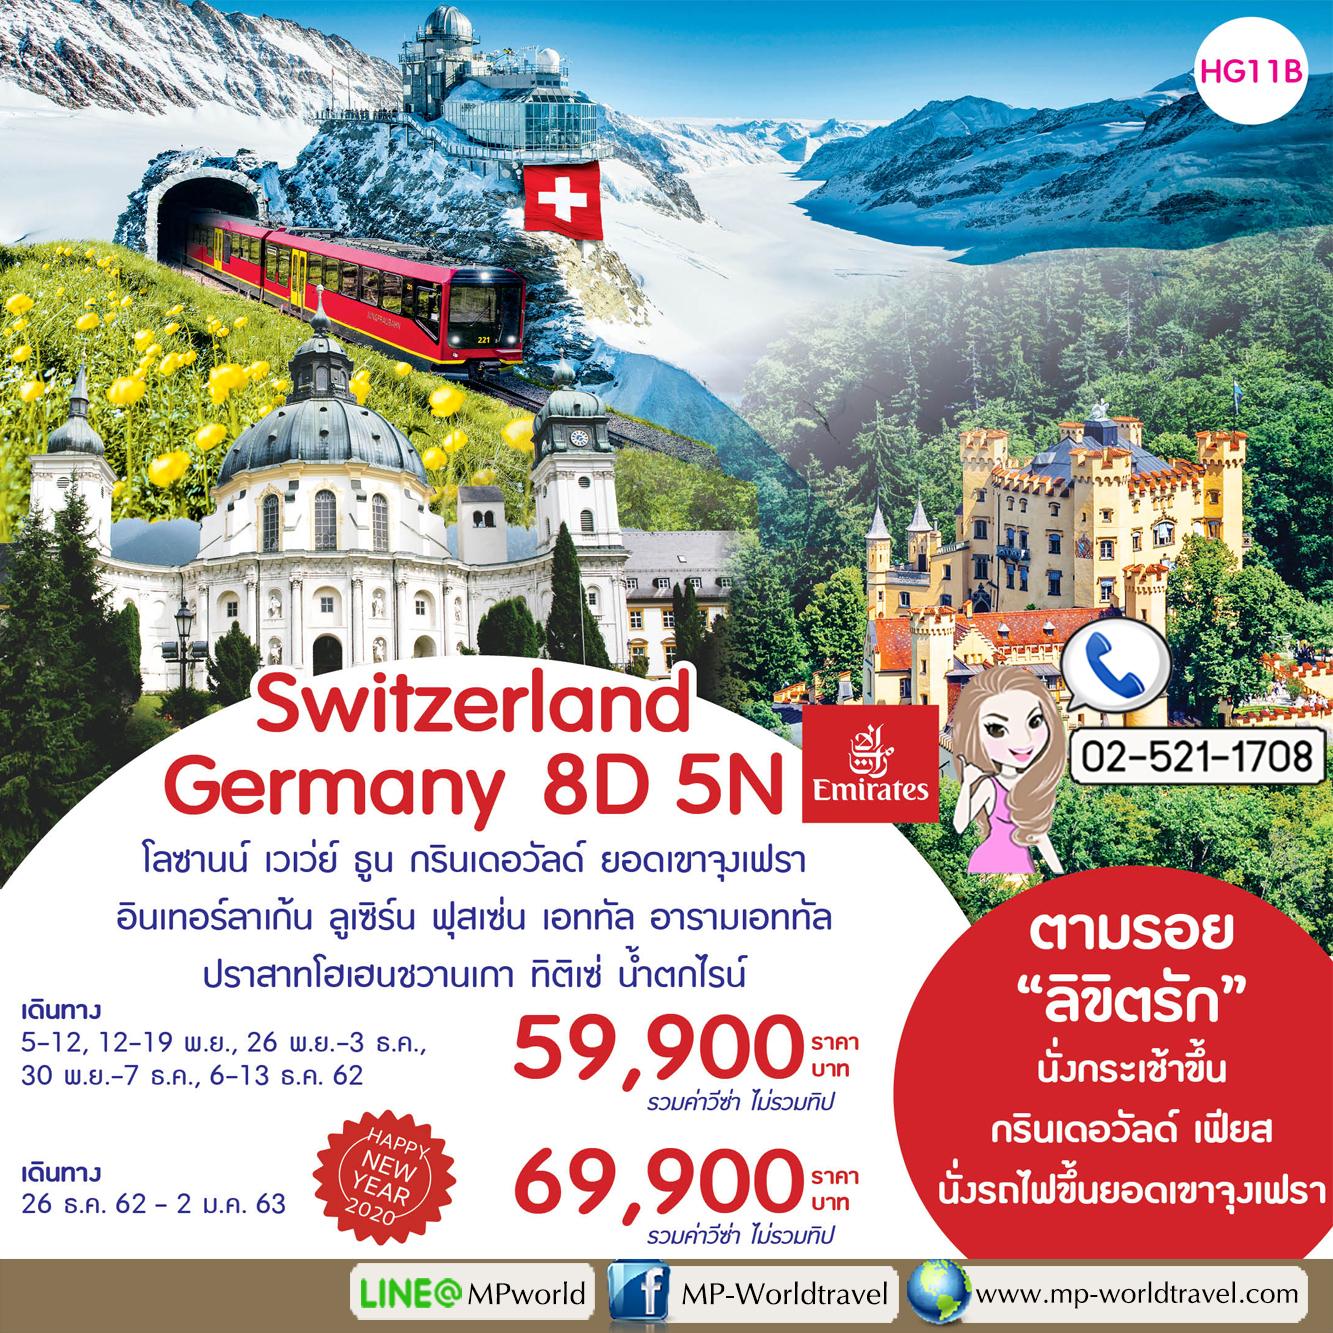 ทัวร์ยุโรป สวิตเซอร์แลนด์ เยอรมัน Switzerland Germany